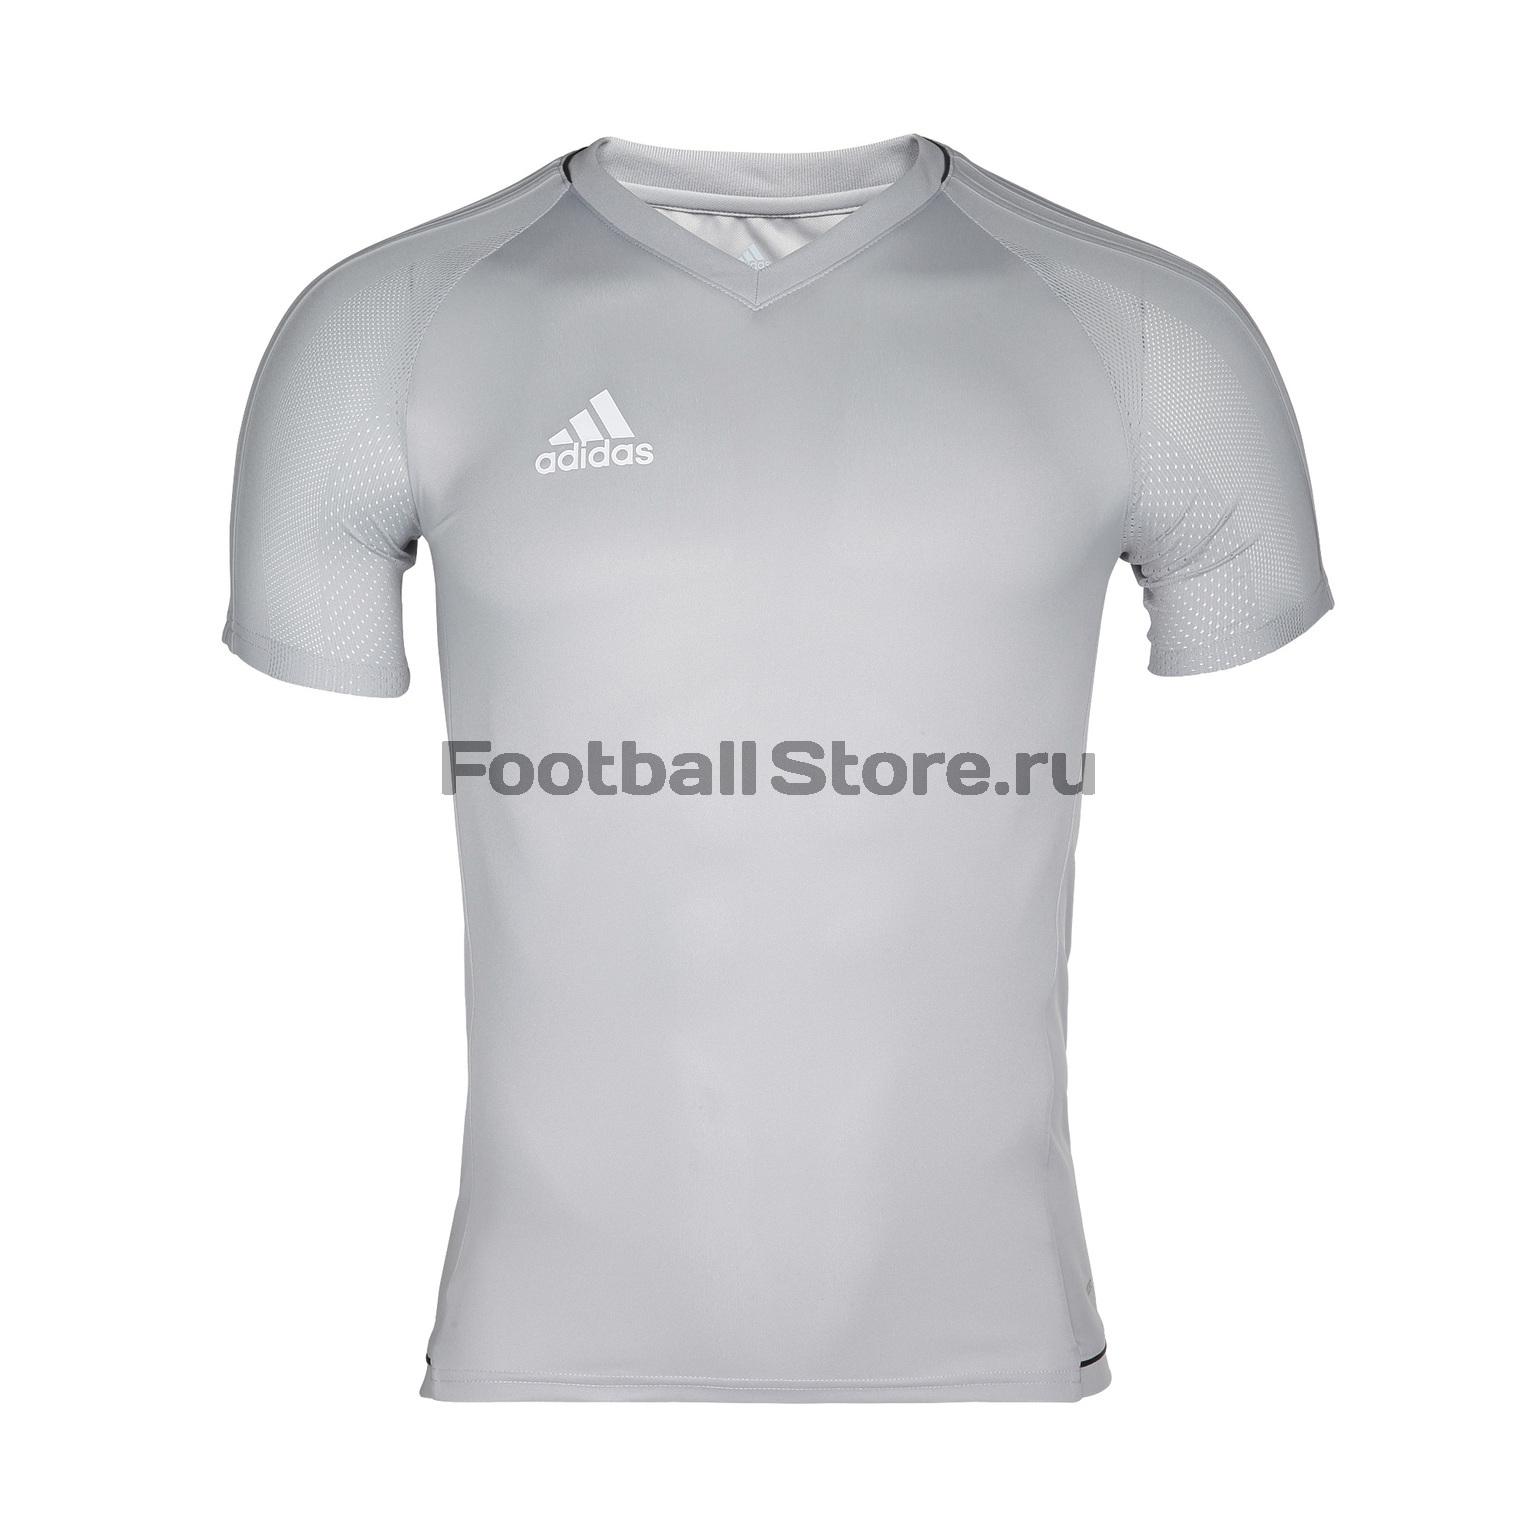 Футболка тренировочная Adidas Tiro17 TRG JSY BQ2806 футболка тренировочная adidas tiro17 tee ay2964